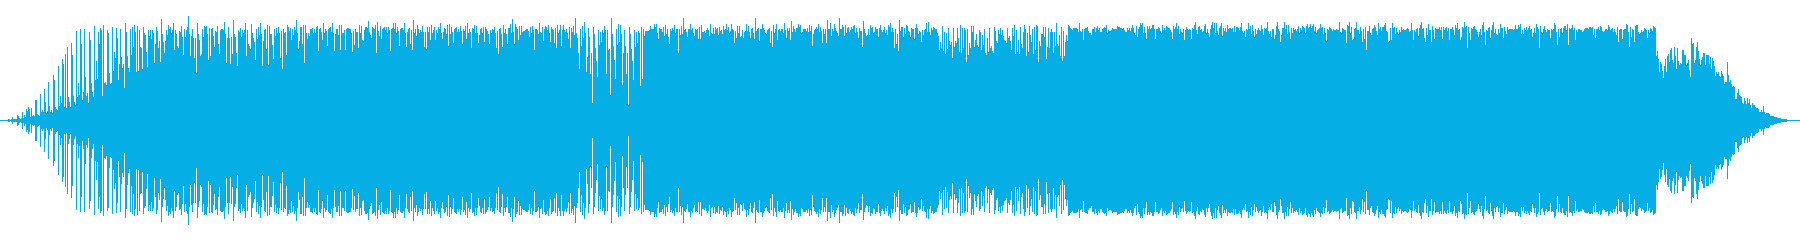 妖艶で怪しげなHip-Hopの再生済みの波形